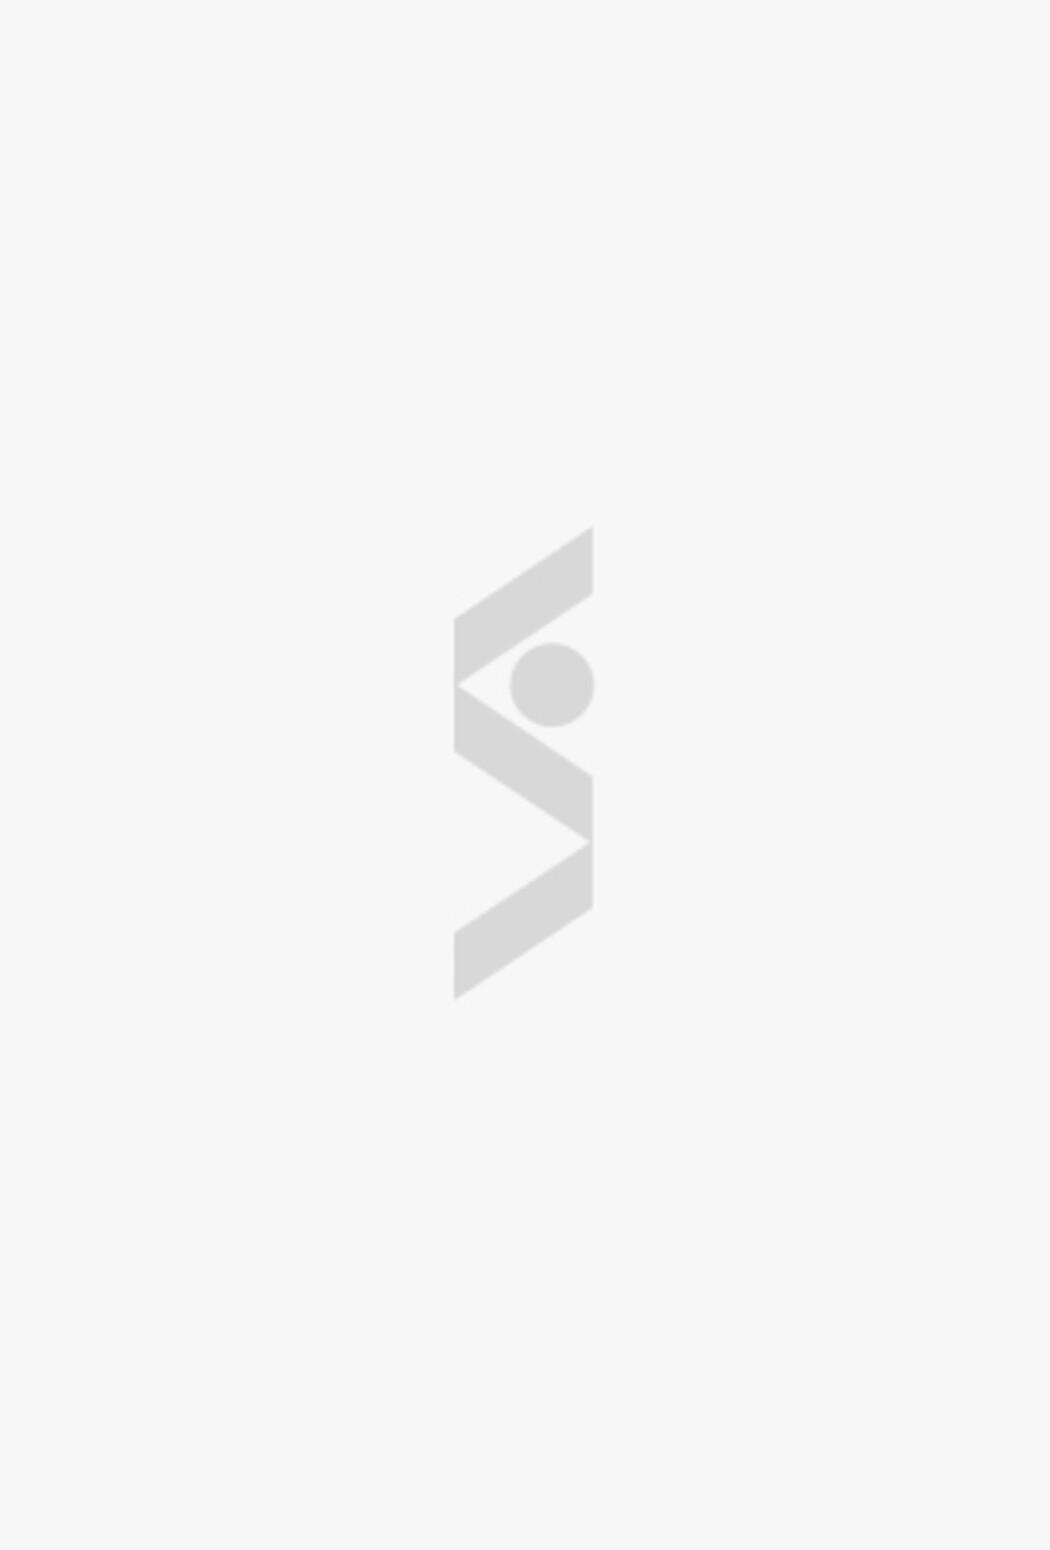 Вязаный джемпер с круглым вырезом s.Oliver - скоро в продаже в интернет-магазине СТОКМАНН в Москве BAFC85AF-910D-4DEB-A33F-6FEB126D97E3